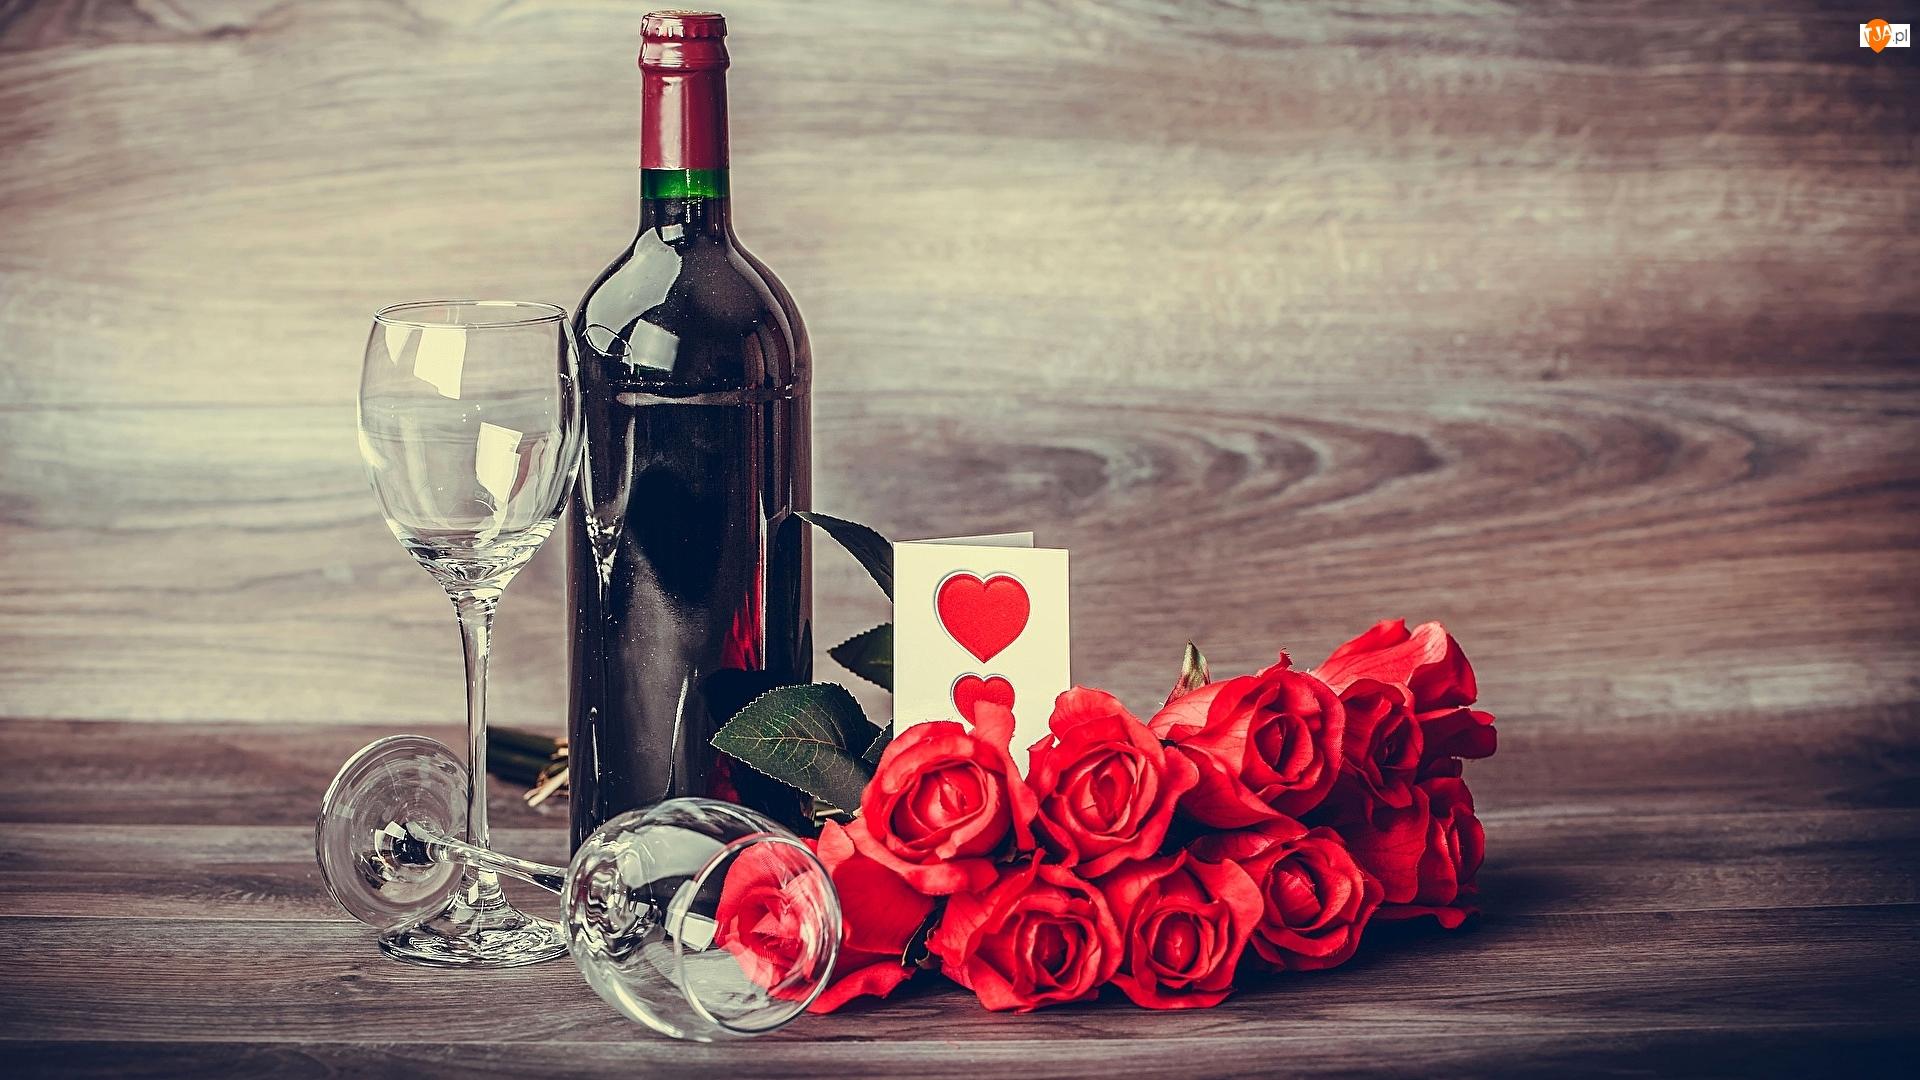 Butelka, Wino, Róże, Walentynki, Kieliszki, Kartka